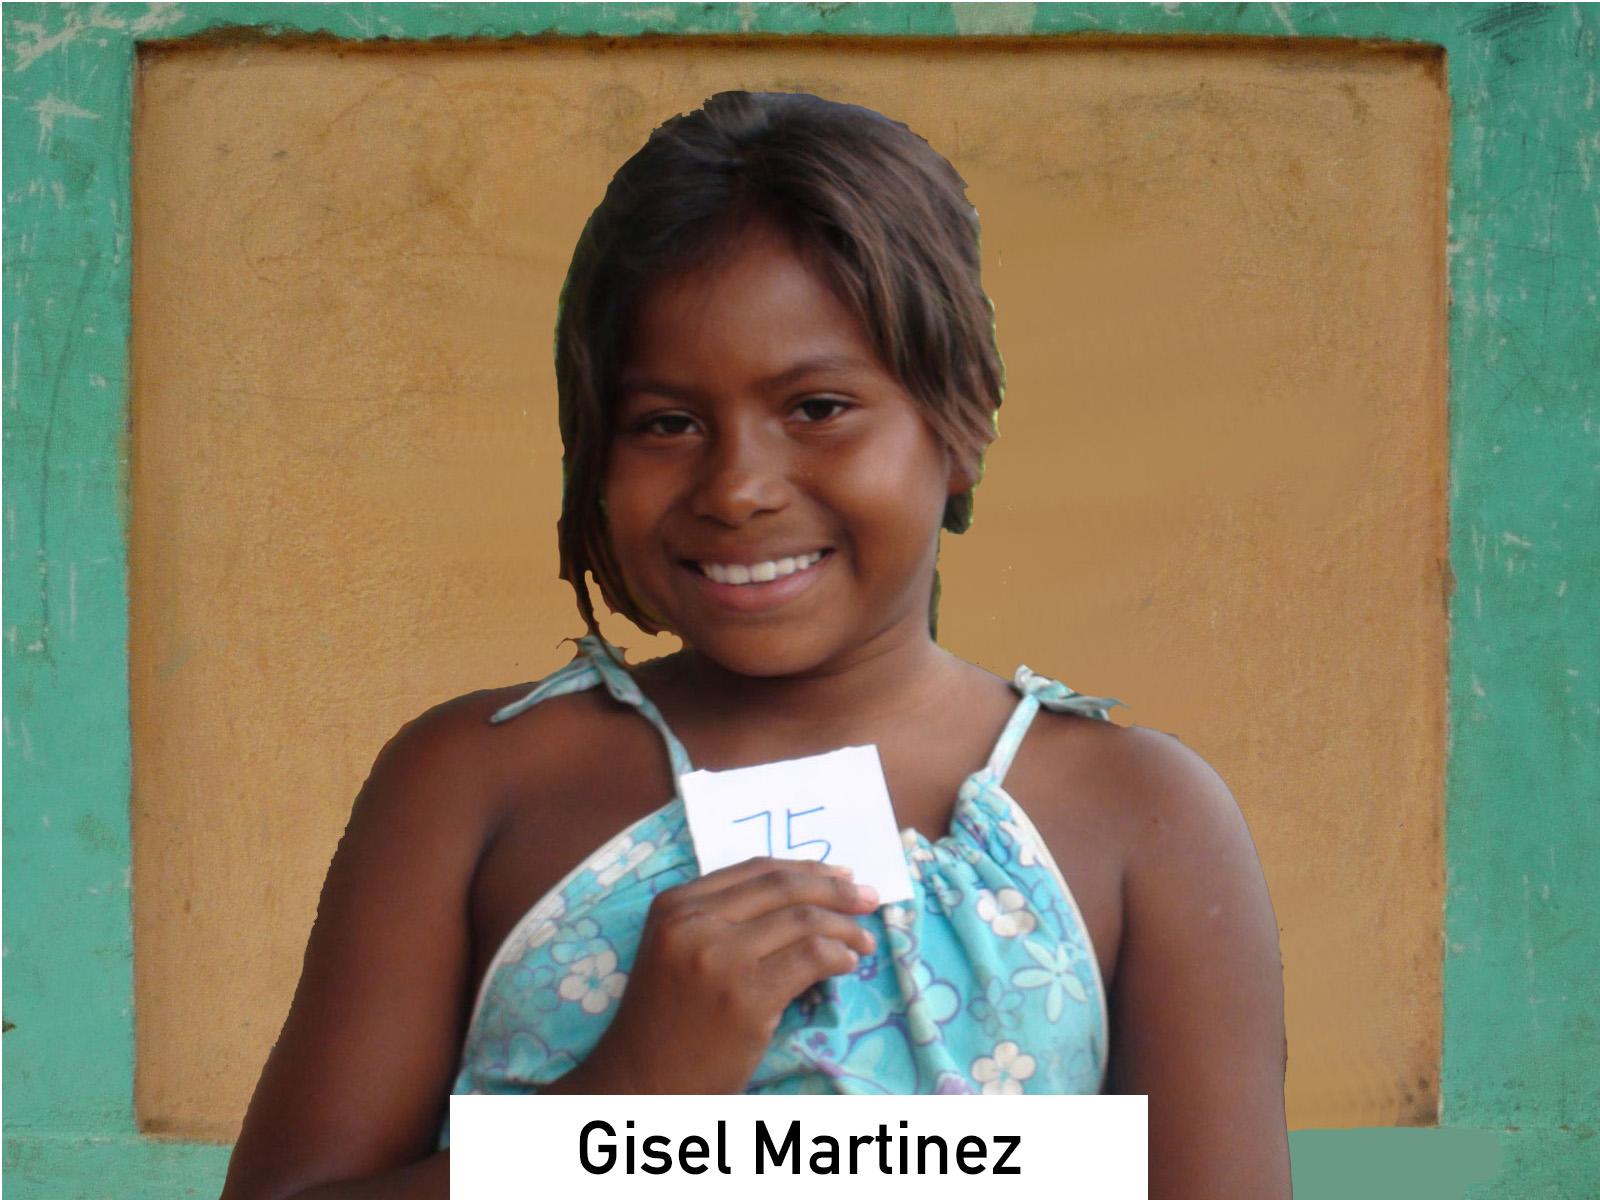 075 - Gisel Martinez.jpg